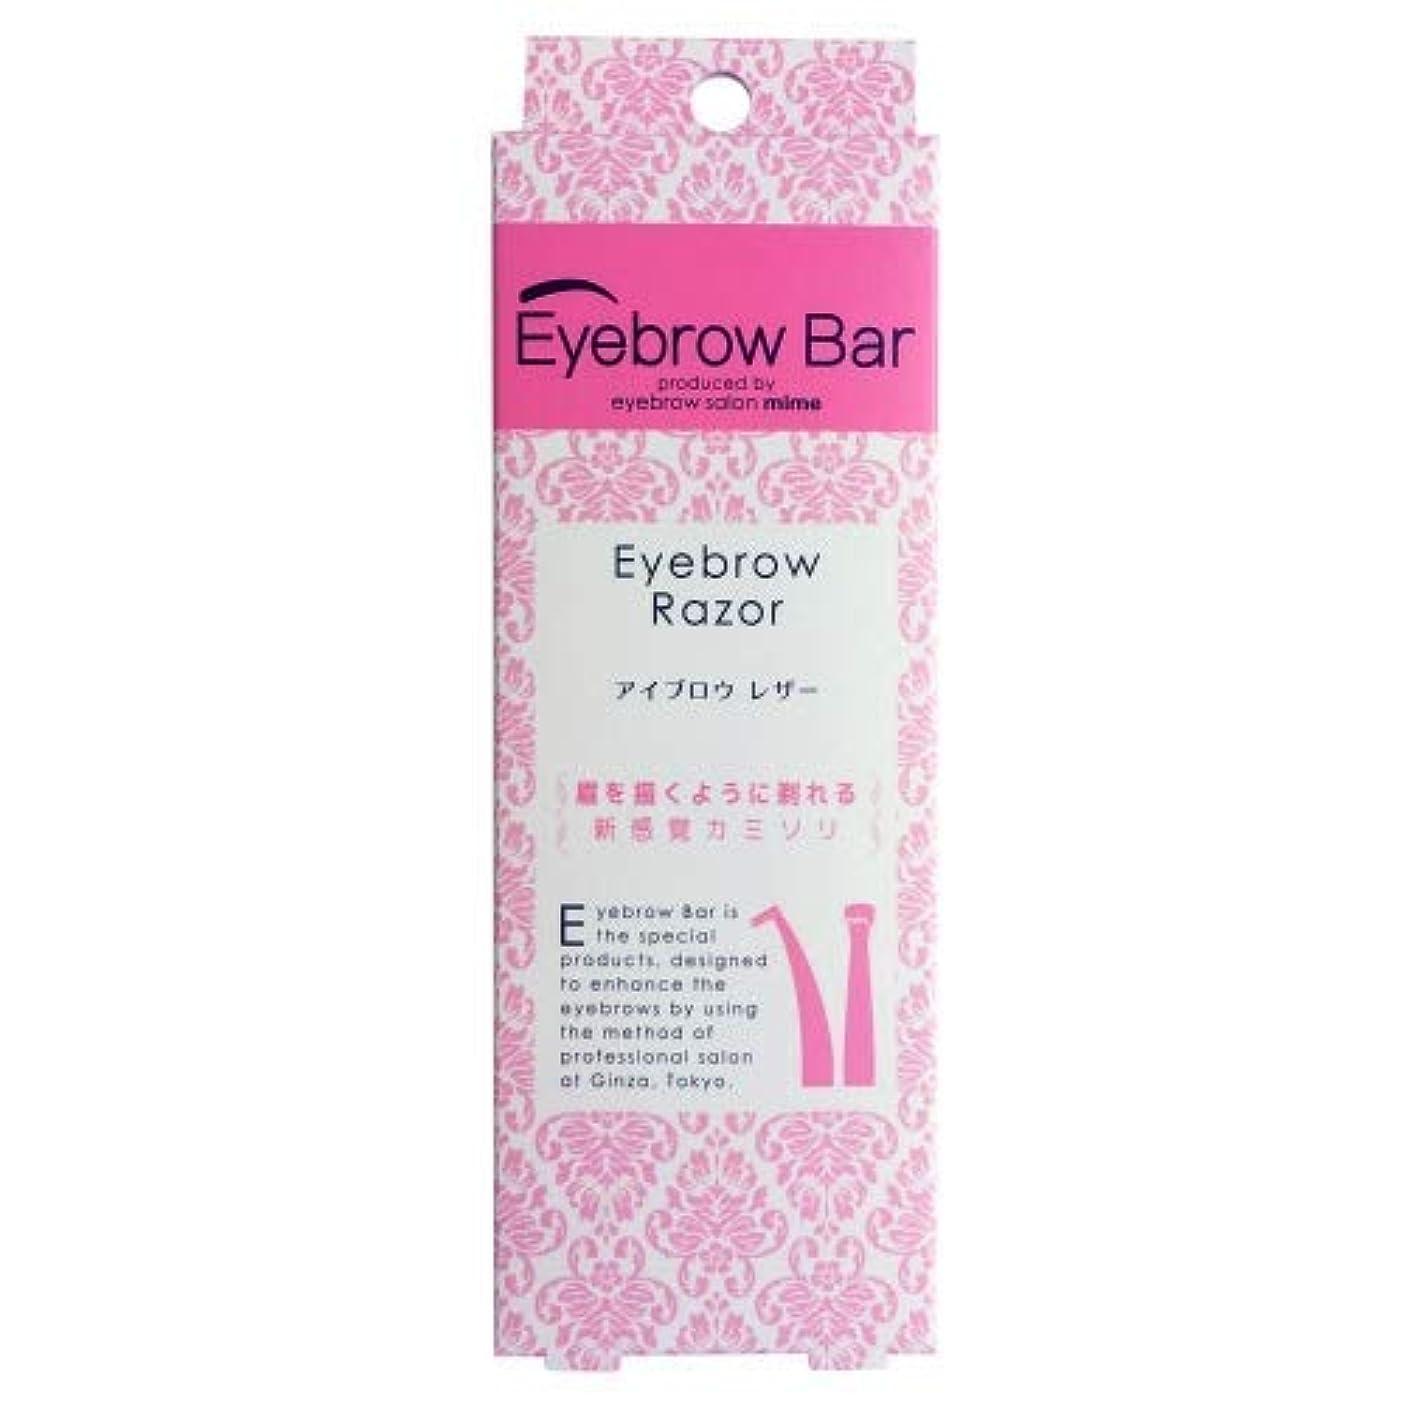 EBB-03 Eyebrow Bar アイブロウ レザー 1本 × 4個セット